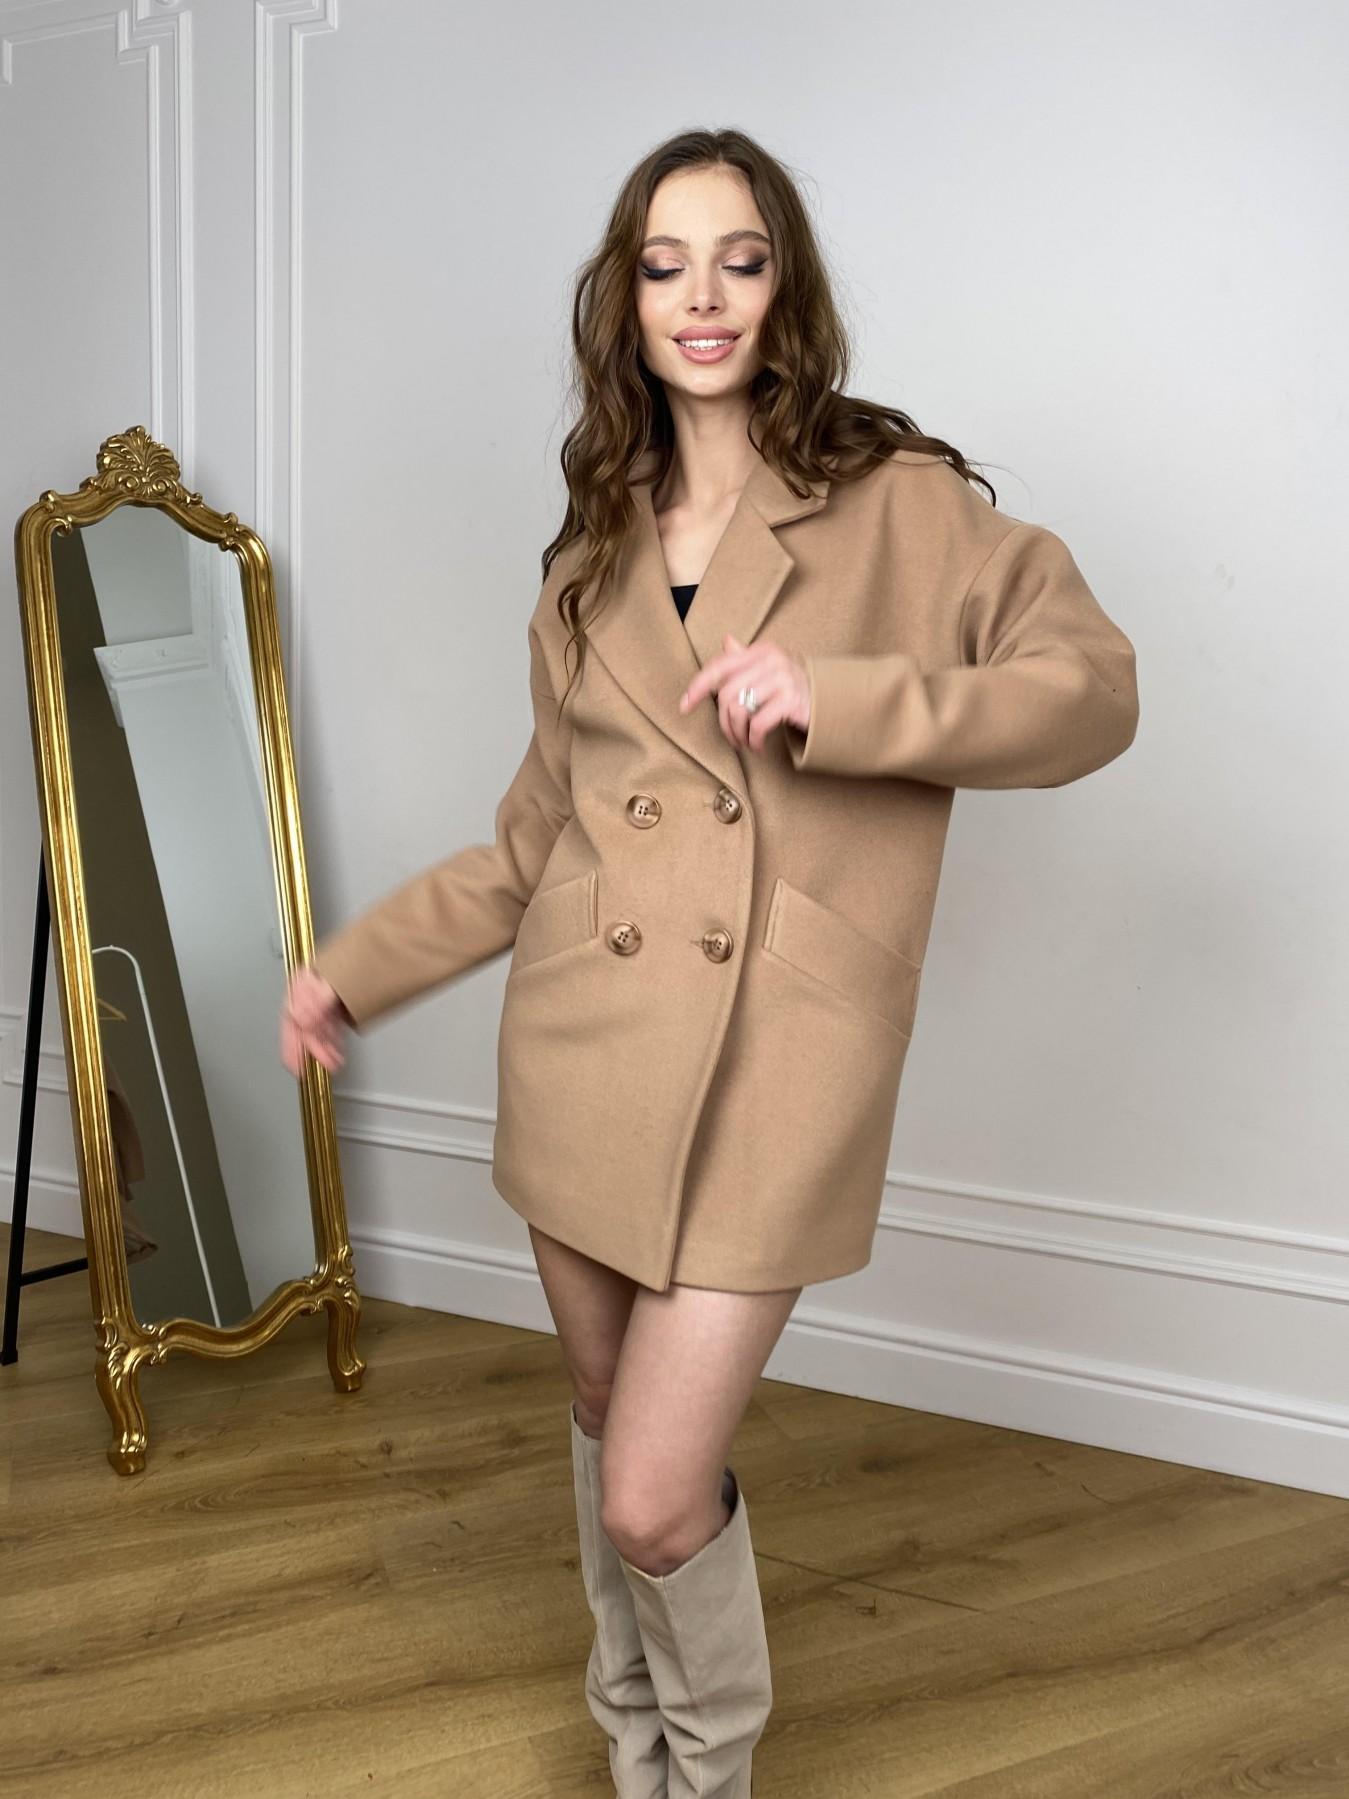 Бонд пальто из кашемира  10571 АРТ. 46927 Цвет: Кемел - фото 3, интернет магазин tm-modus.ru